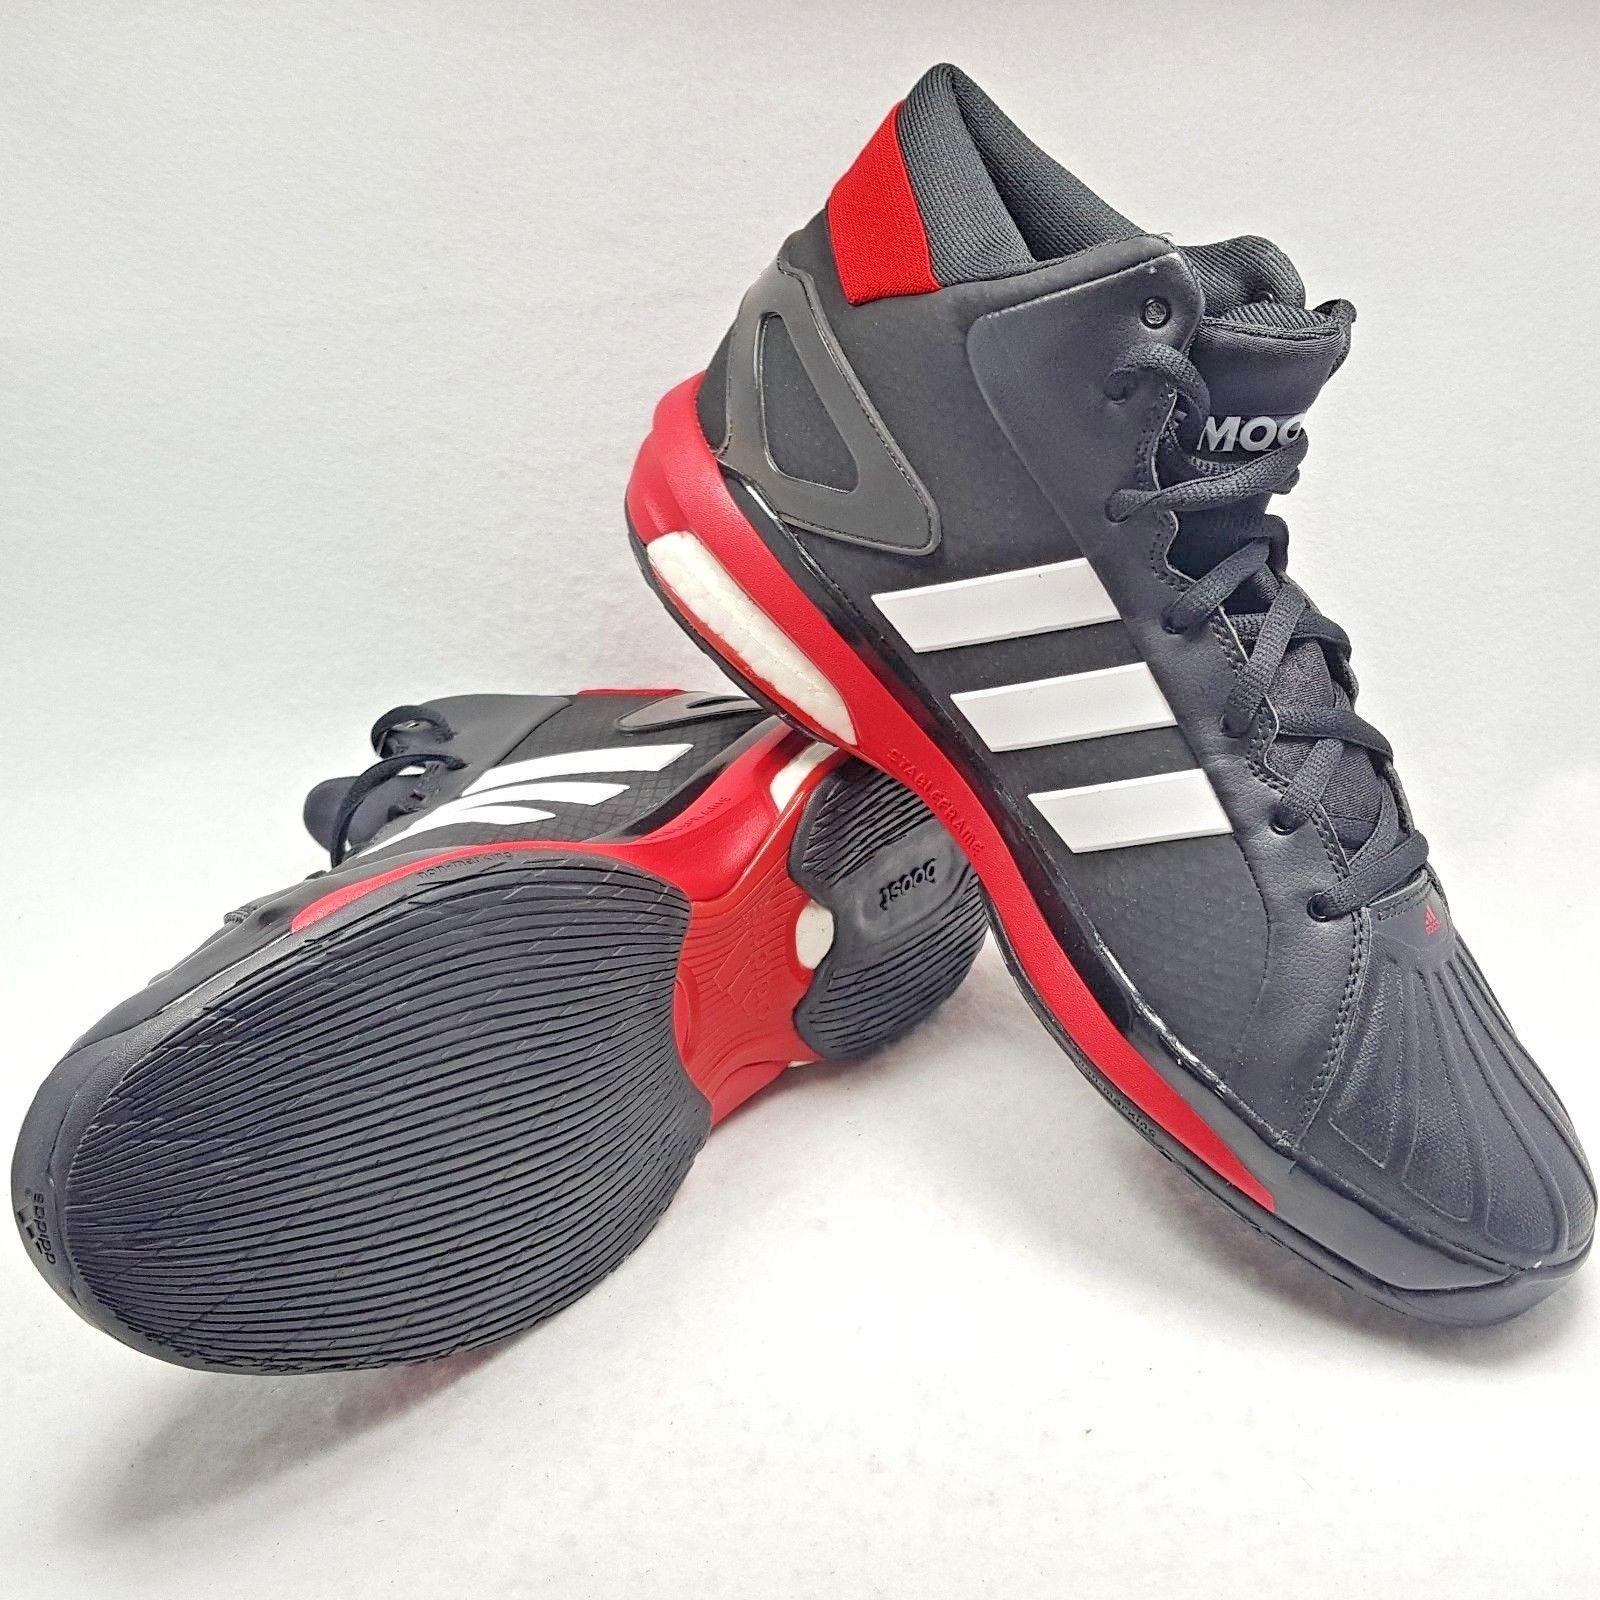 14a390d3a6d83f Adidas Futurestar Herren Verstärkung Basketballschuhe - Schwarz Rot Größe  13.5